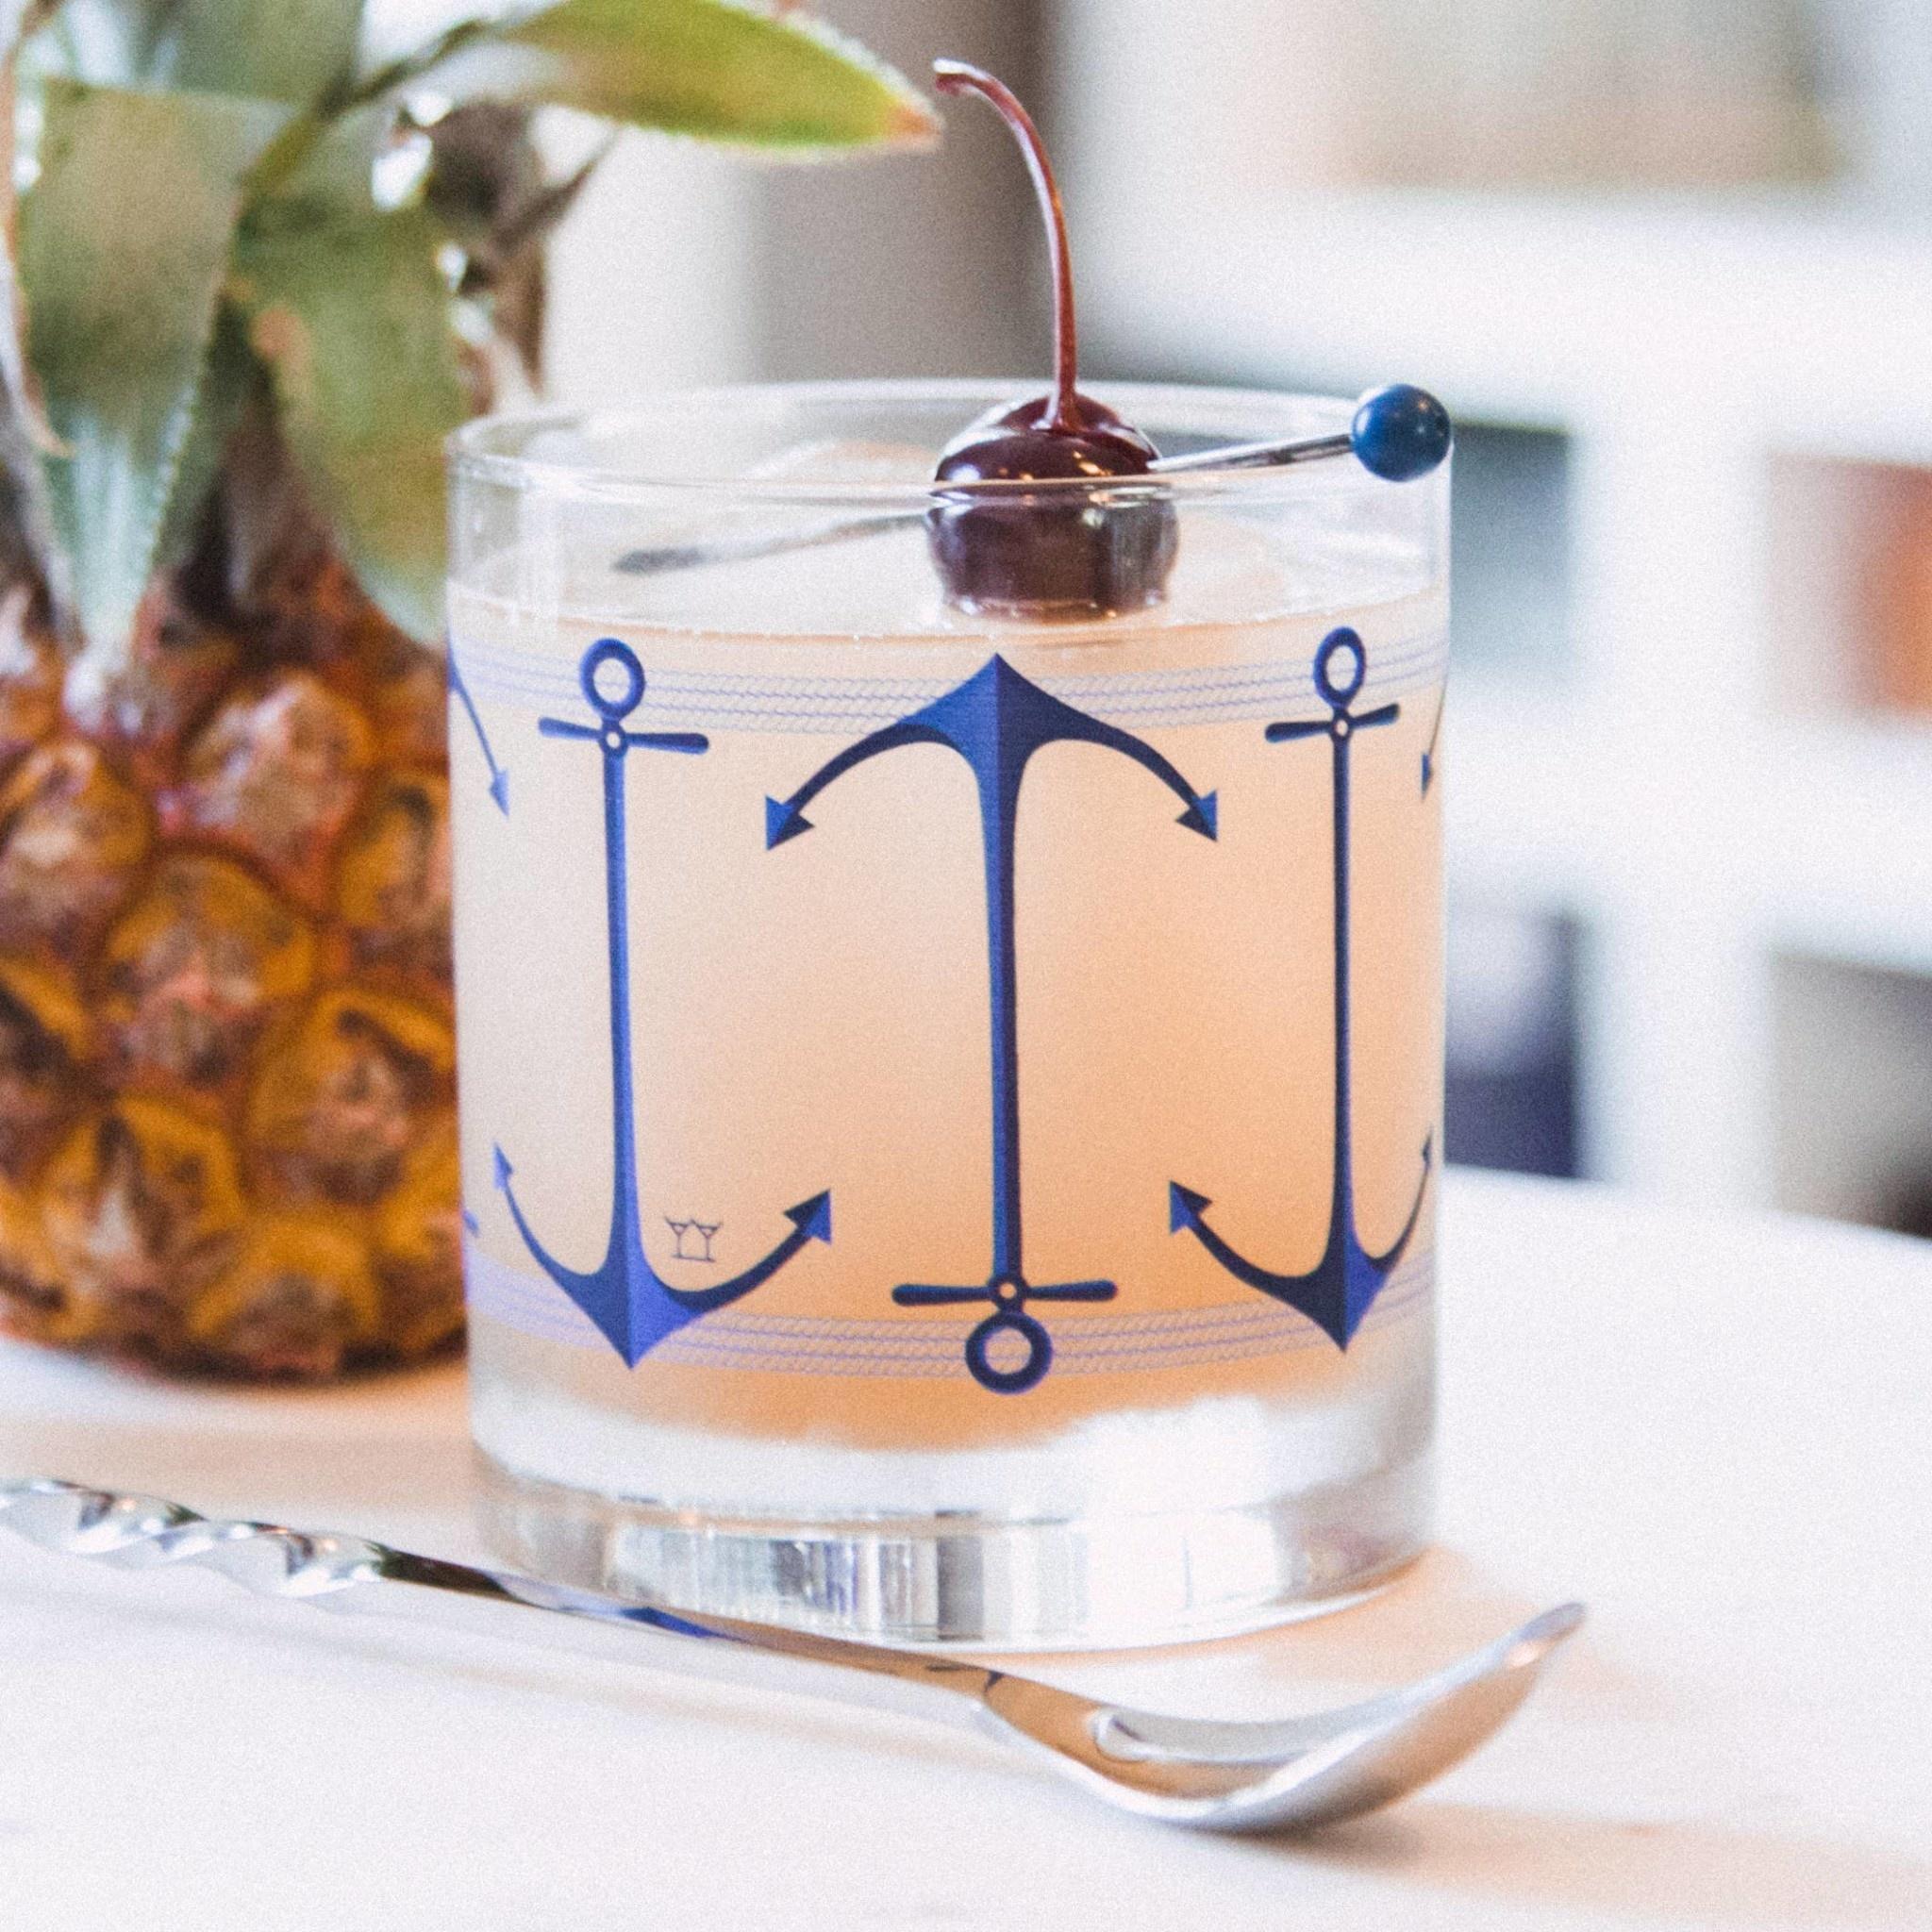 The Modern Home Bar MHB HG - Anchors Aweigh Rocks Glass